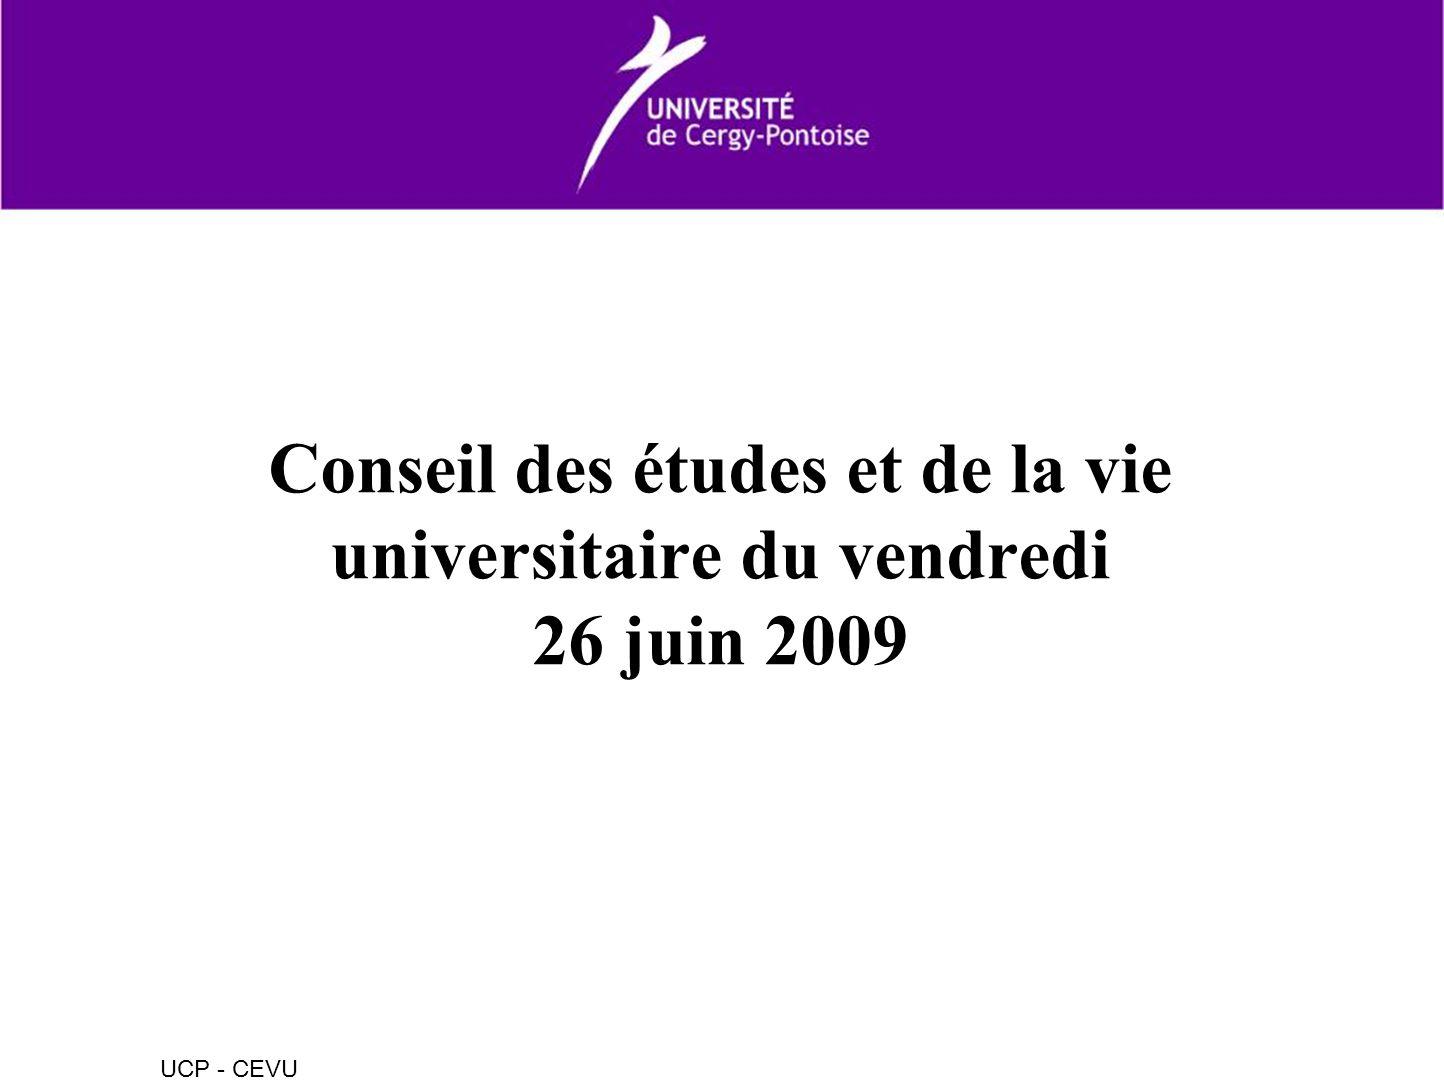 UCP - CEVU Conseil des études et de la vie universitaire du vendredi 26 juin 2009